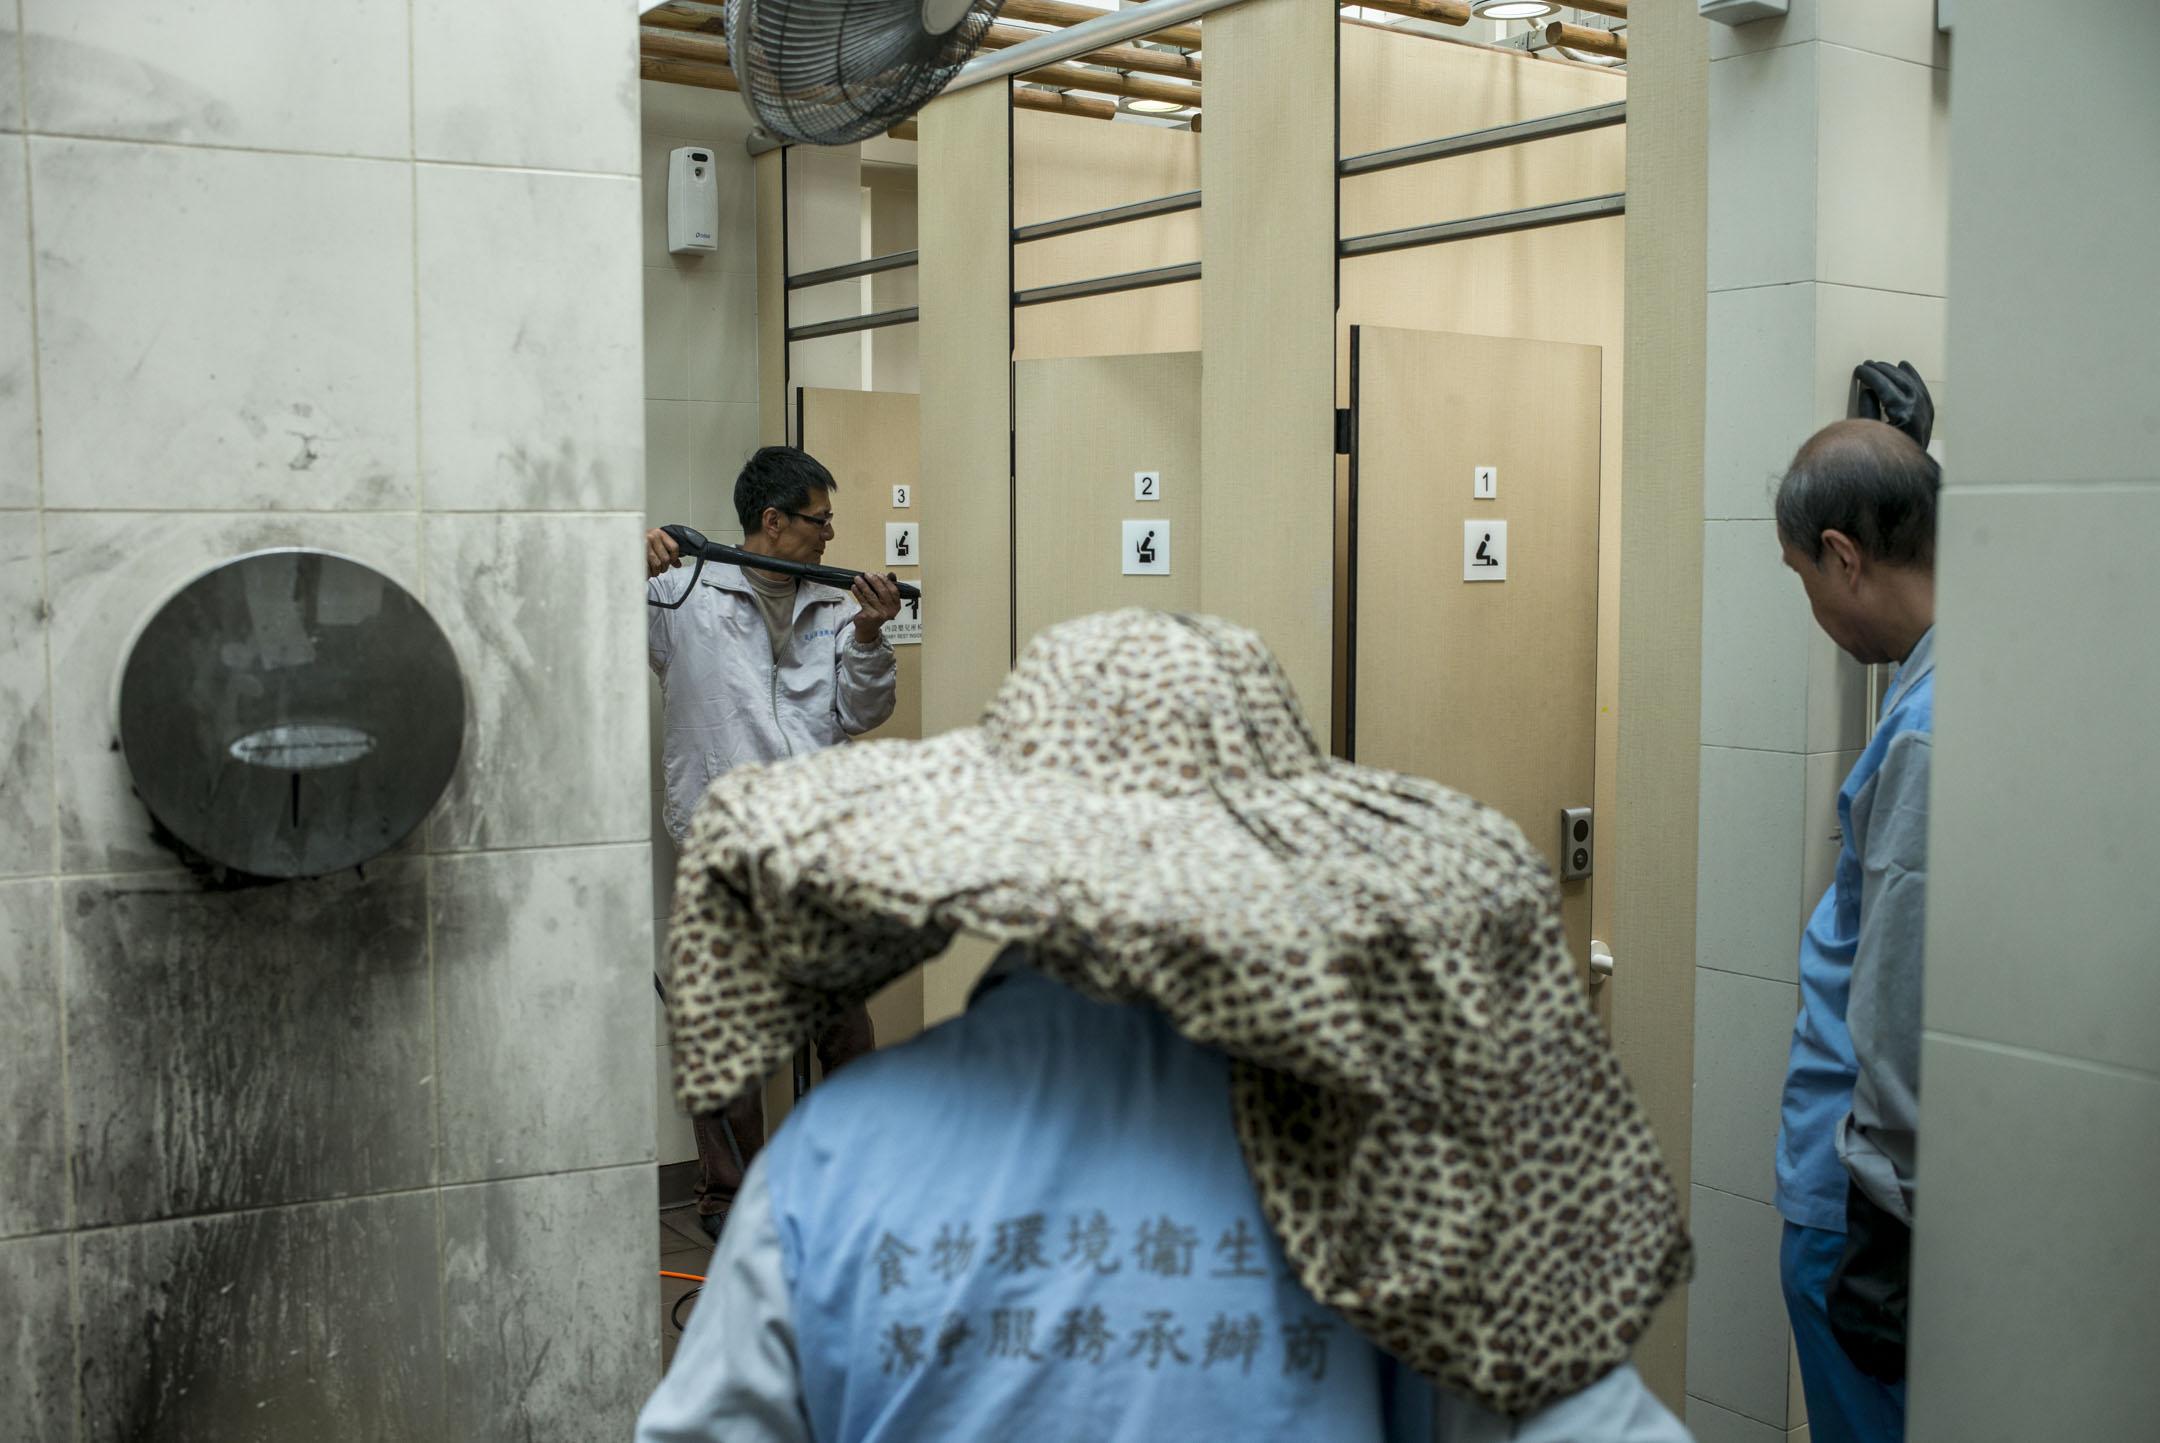 食環署新設的「徹底潔淨工作小隊」,由黃健達(達哥)帶著4個清潔工,由外判商聘請,負責清潔屯門區16間公廁,每周工作6日,每日到2至4間公廁徹底清潔。 攝:林振東/端傳媒